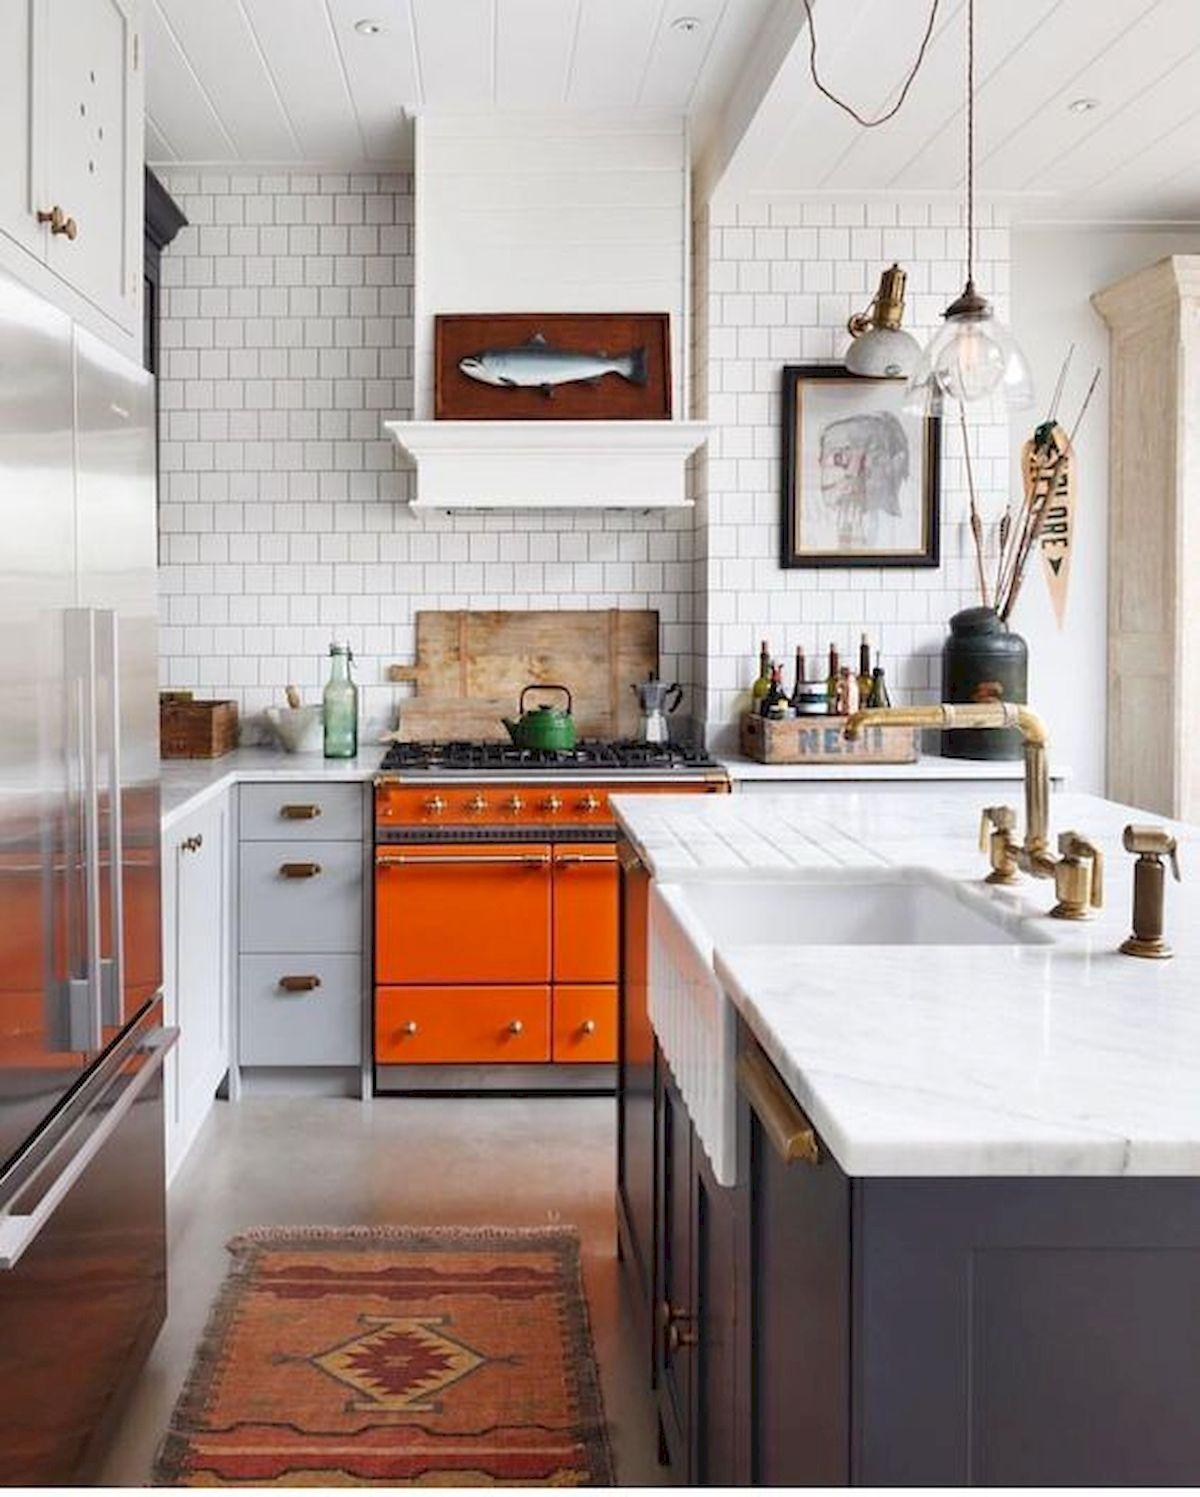 40 stunning kitchen rug ideas kitchen decor designs interior rh pinterest com